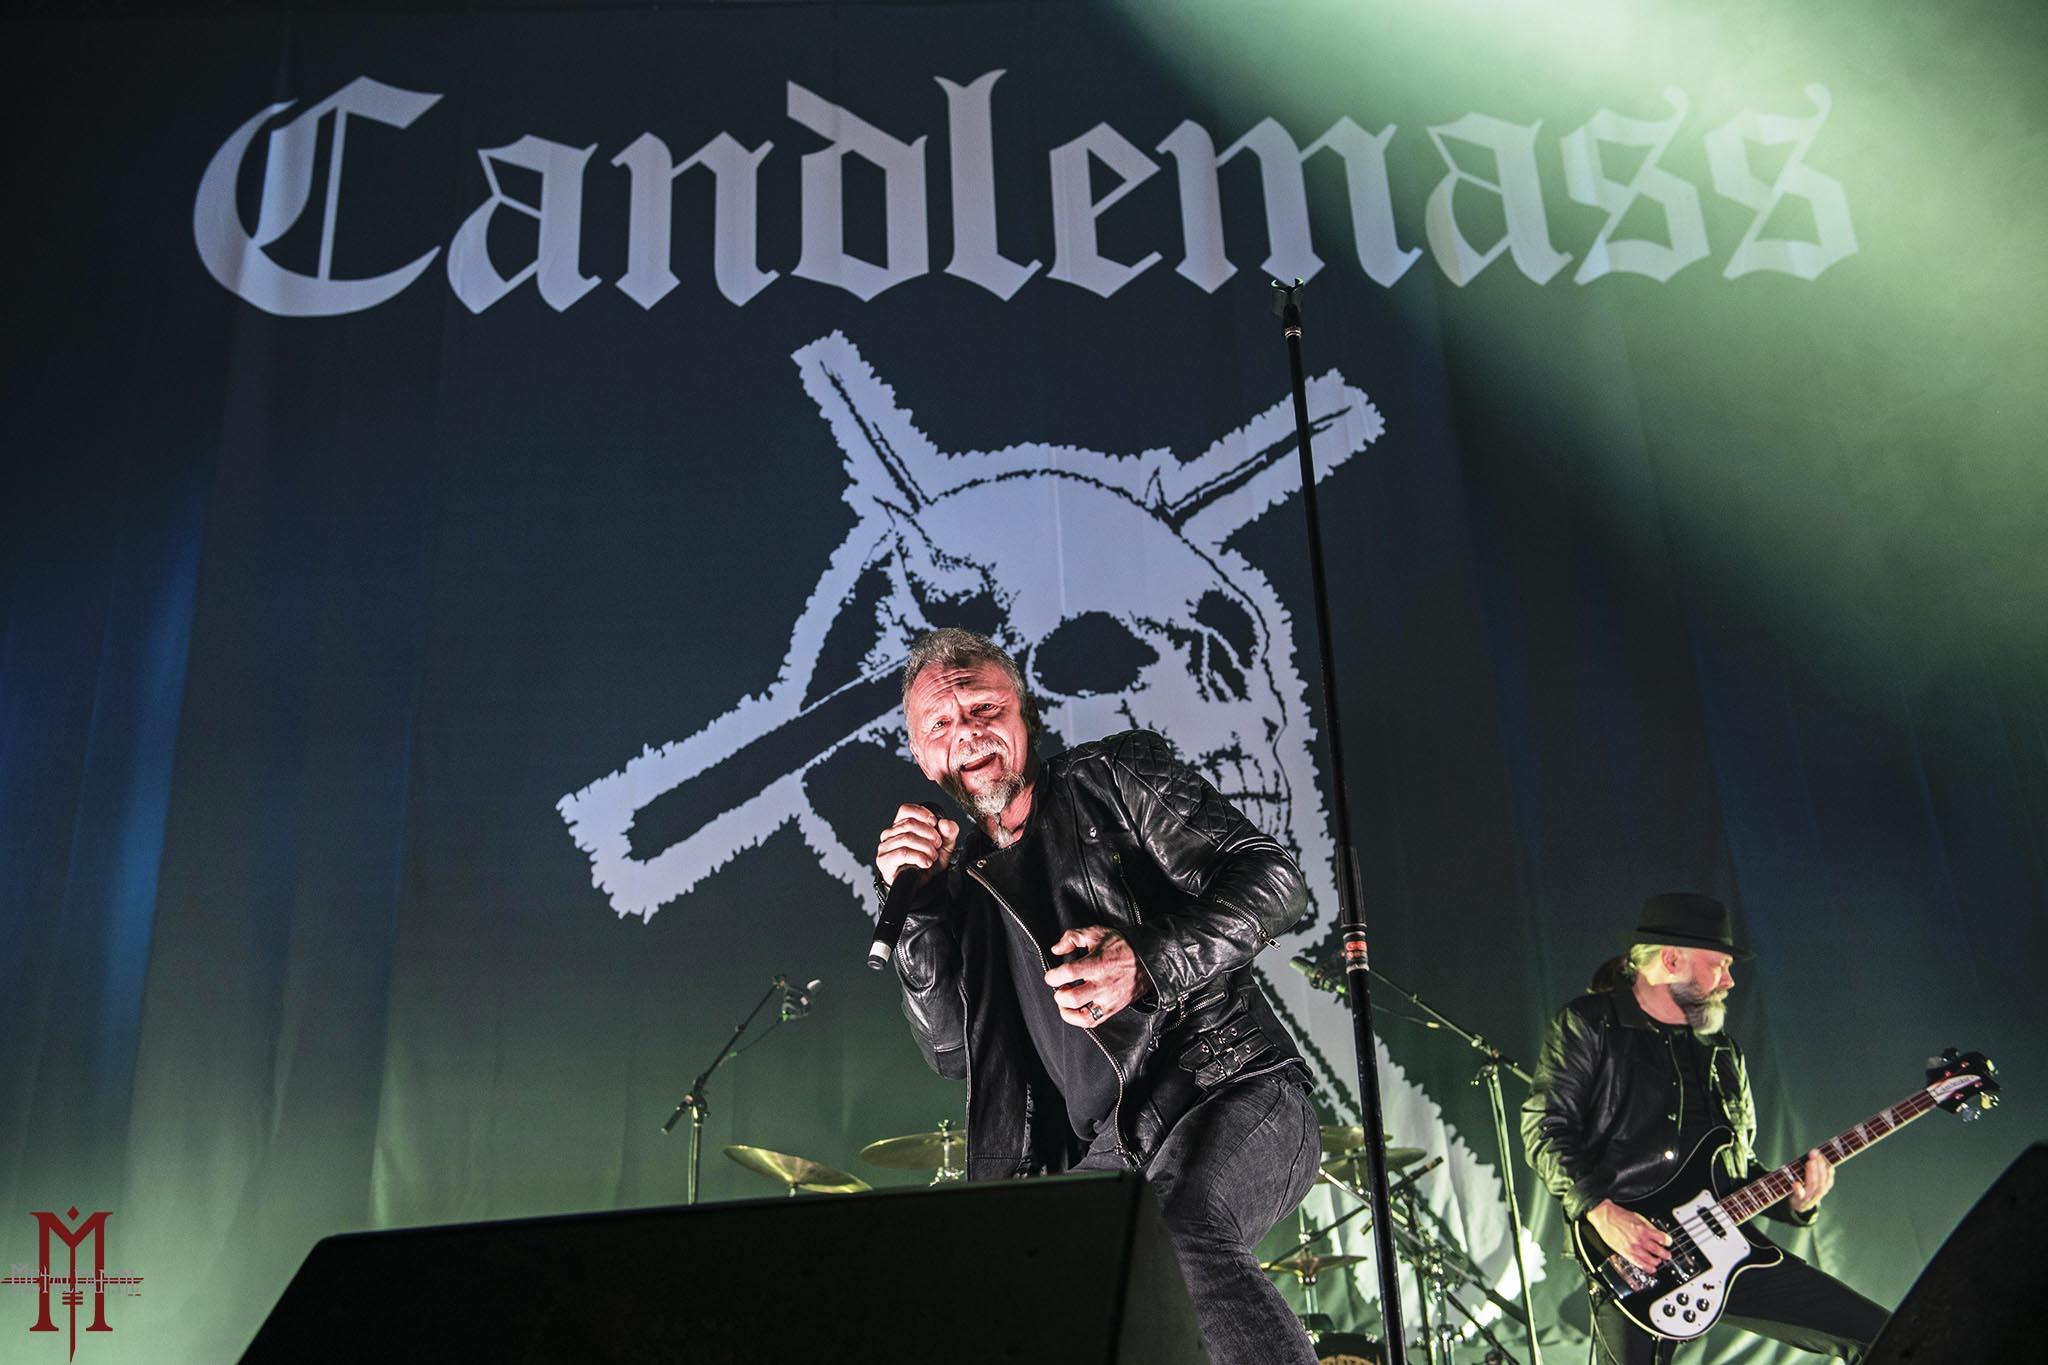 Candlemass @ AFAS Live, Amsterdam, 5-2-2019